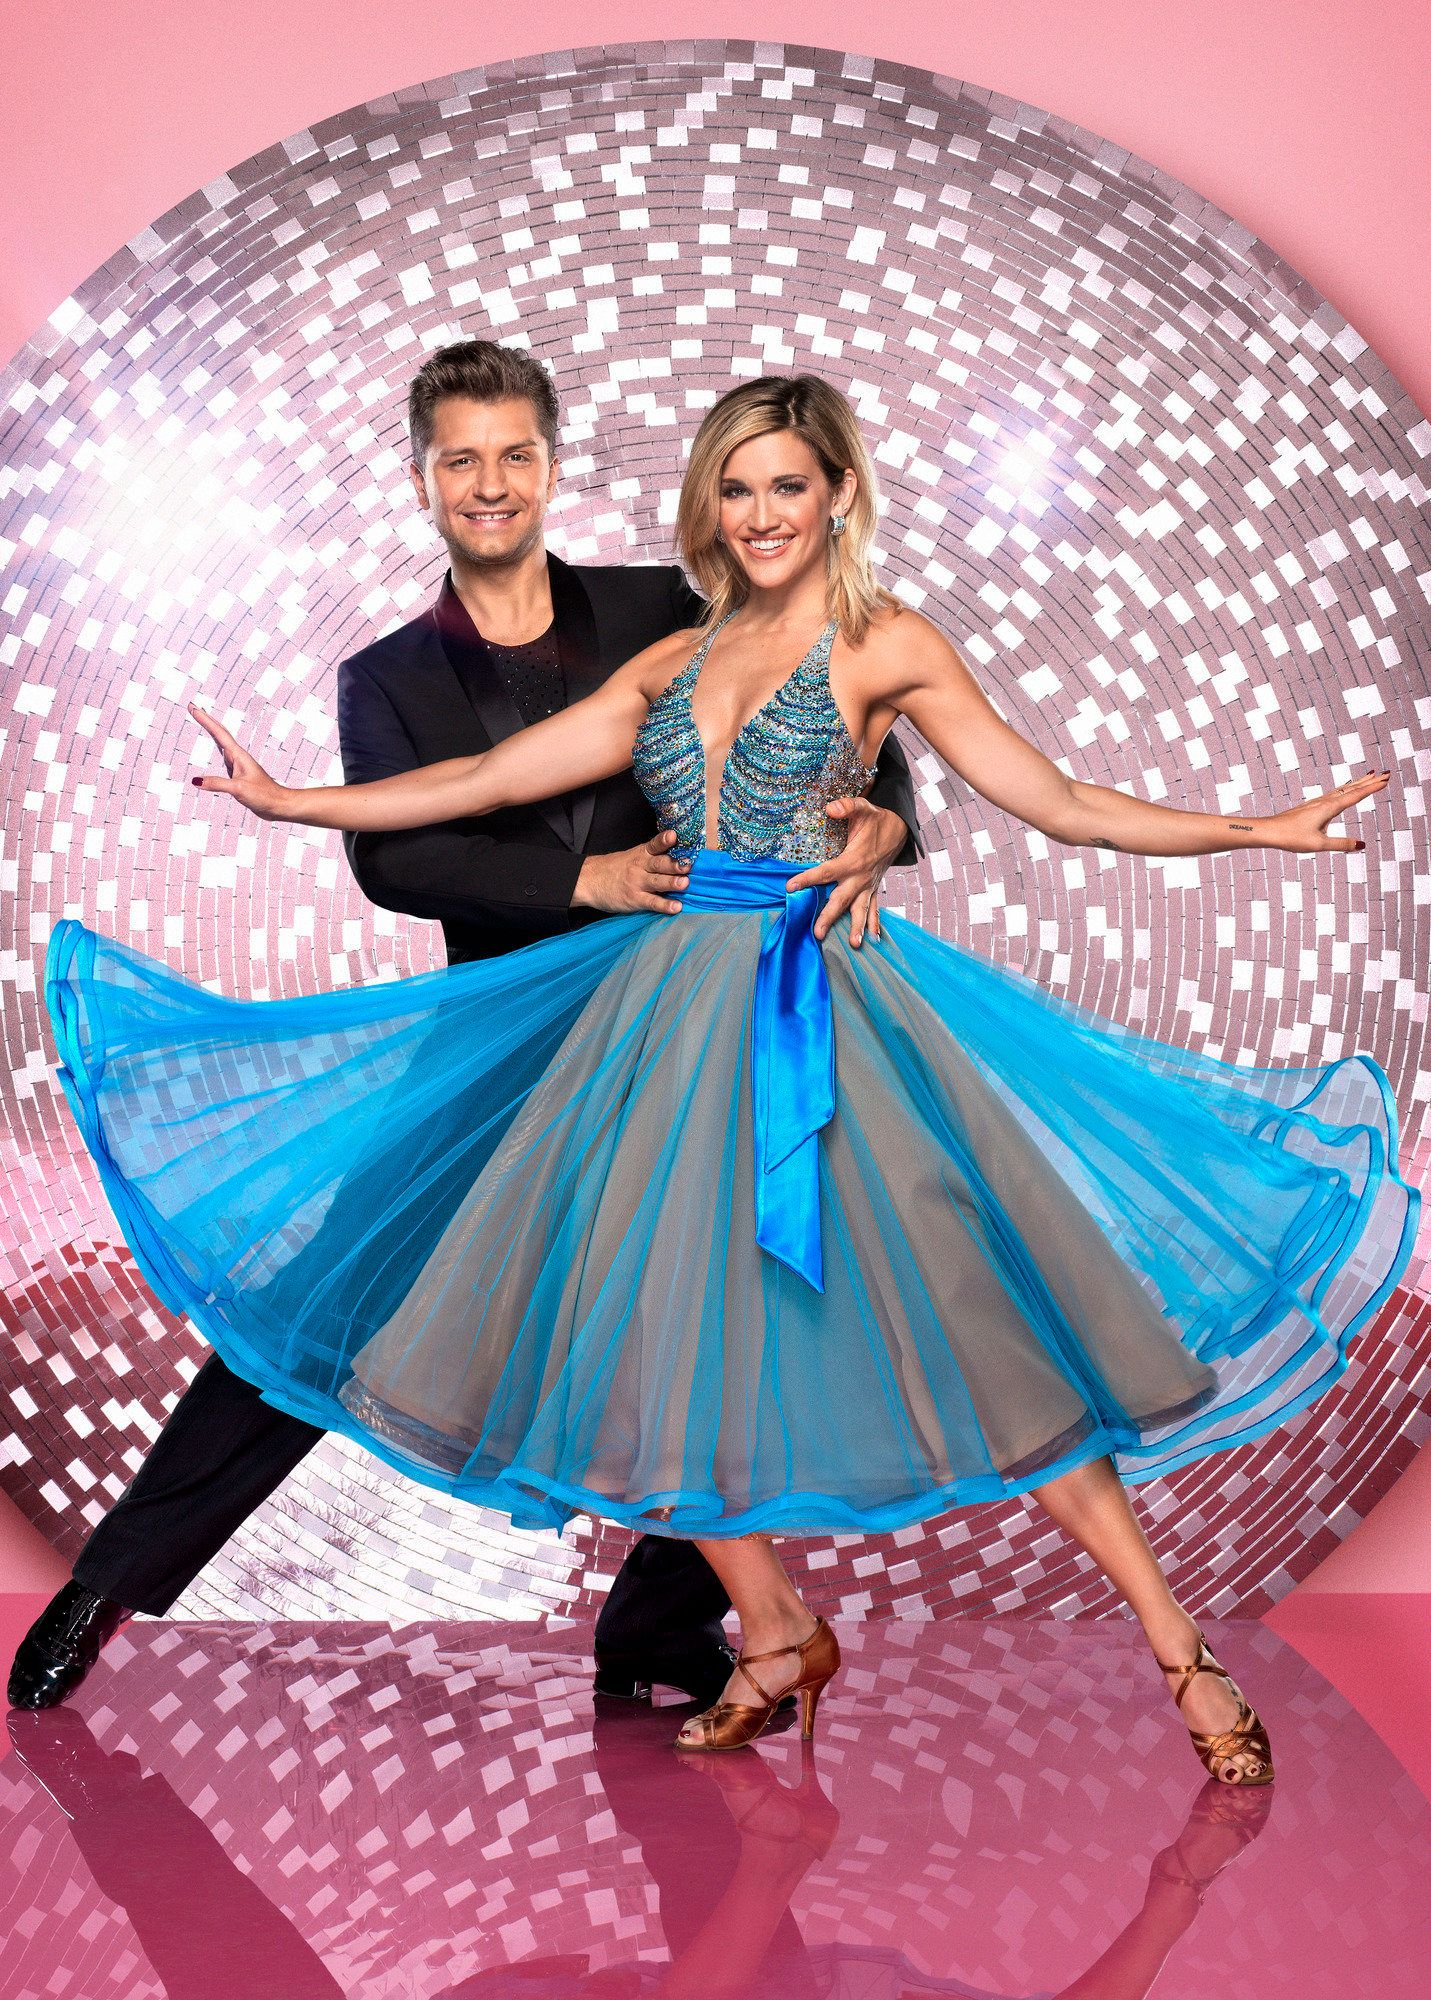 'Strictly' pro Pasha Kovalev and Ashley